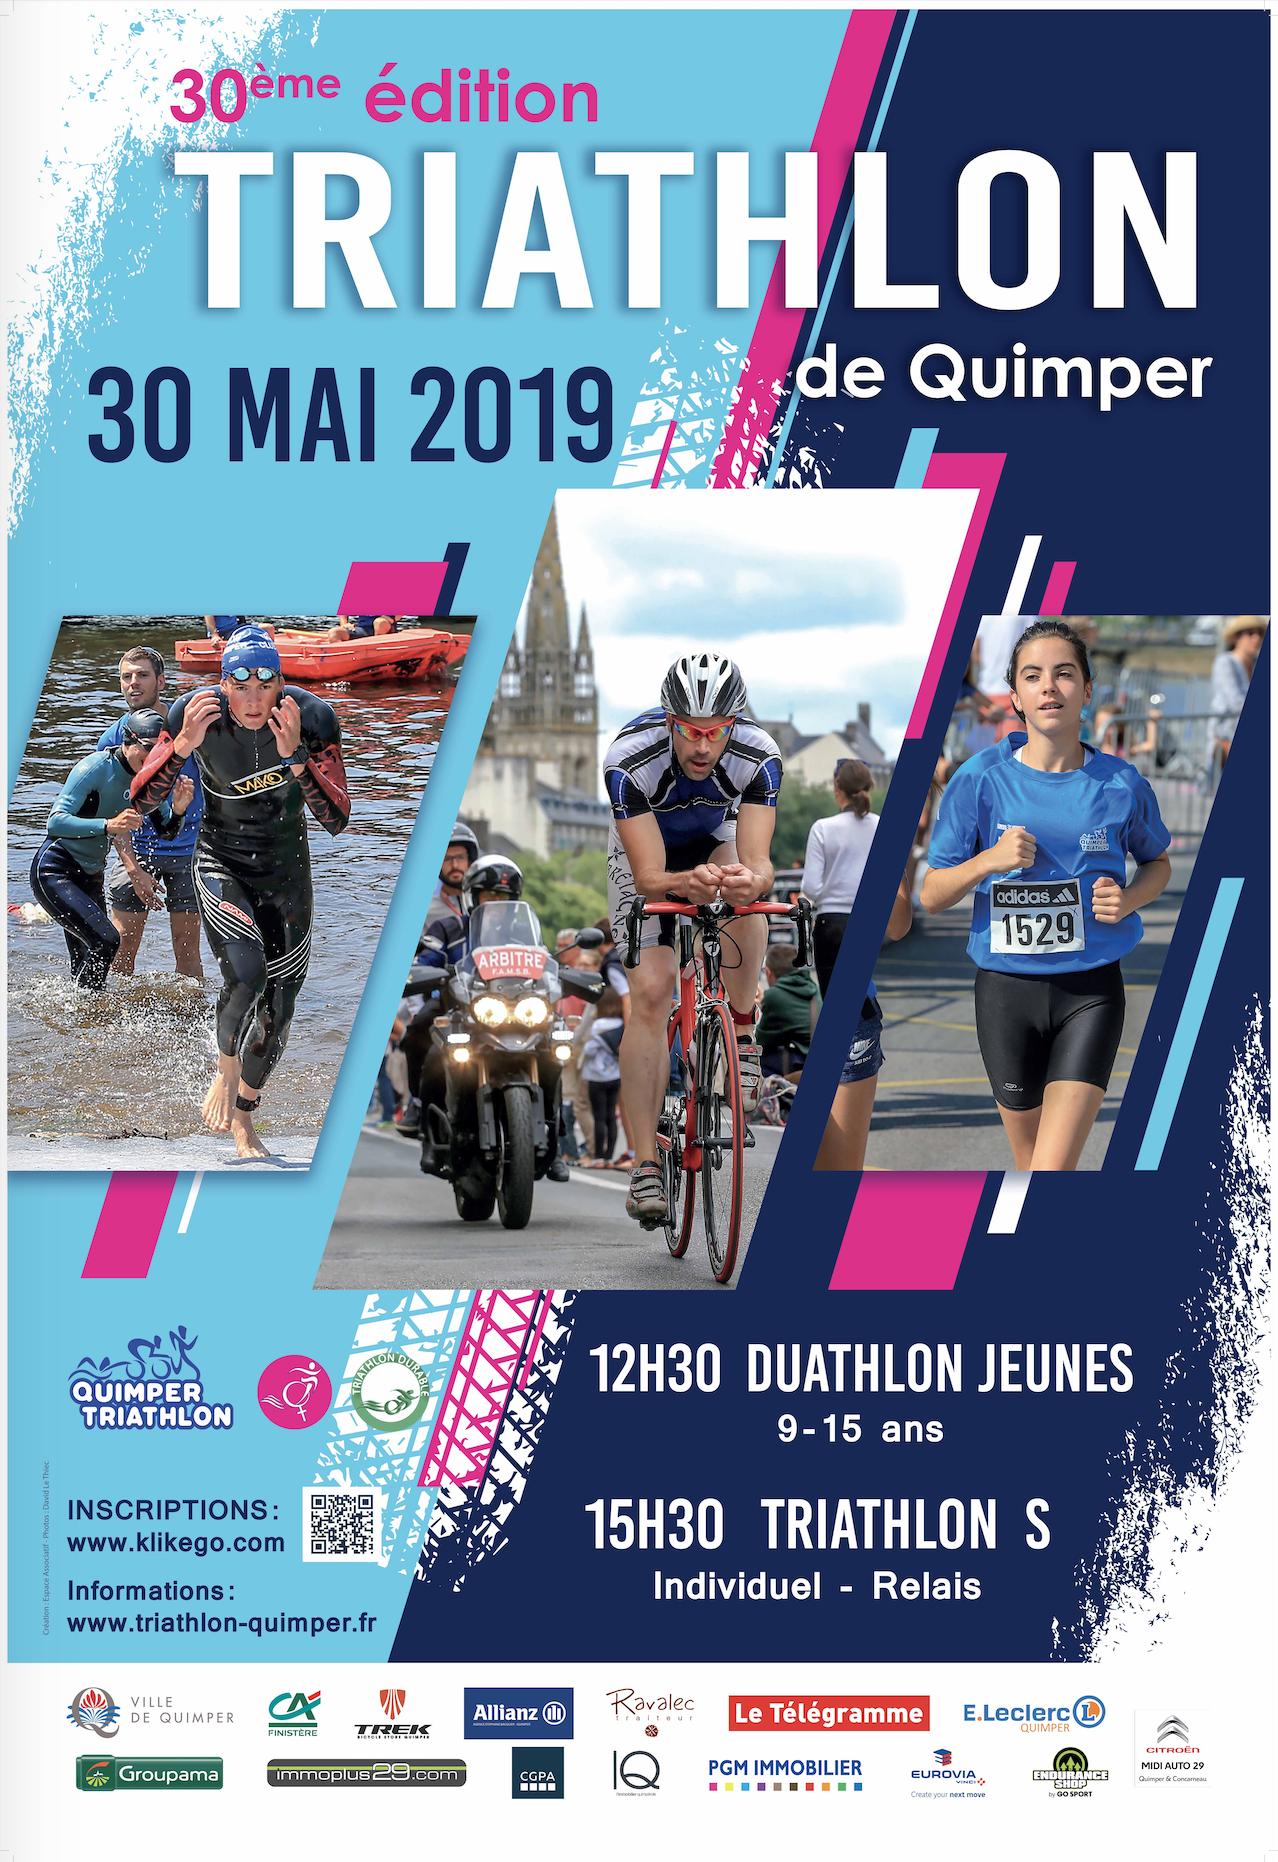 30e Triathlon de Quimper le 30 mai (cliquer sur l'image)